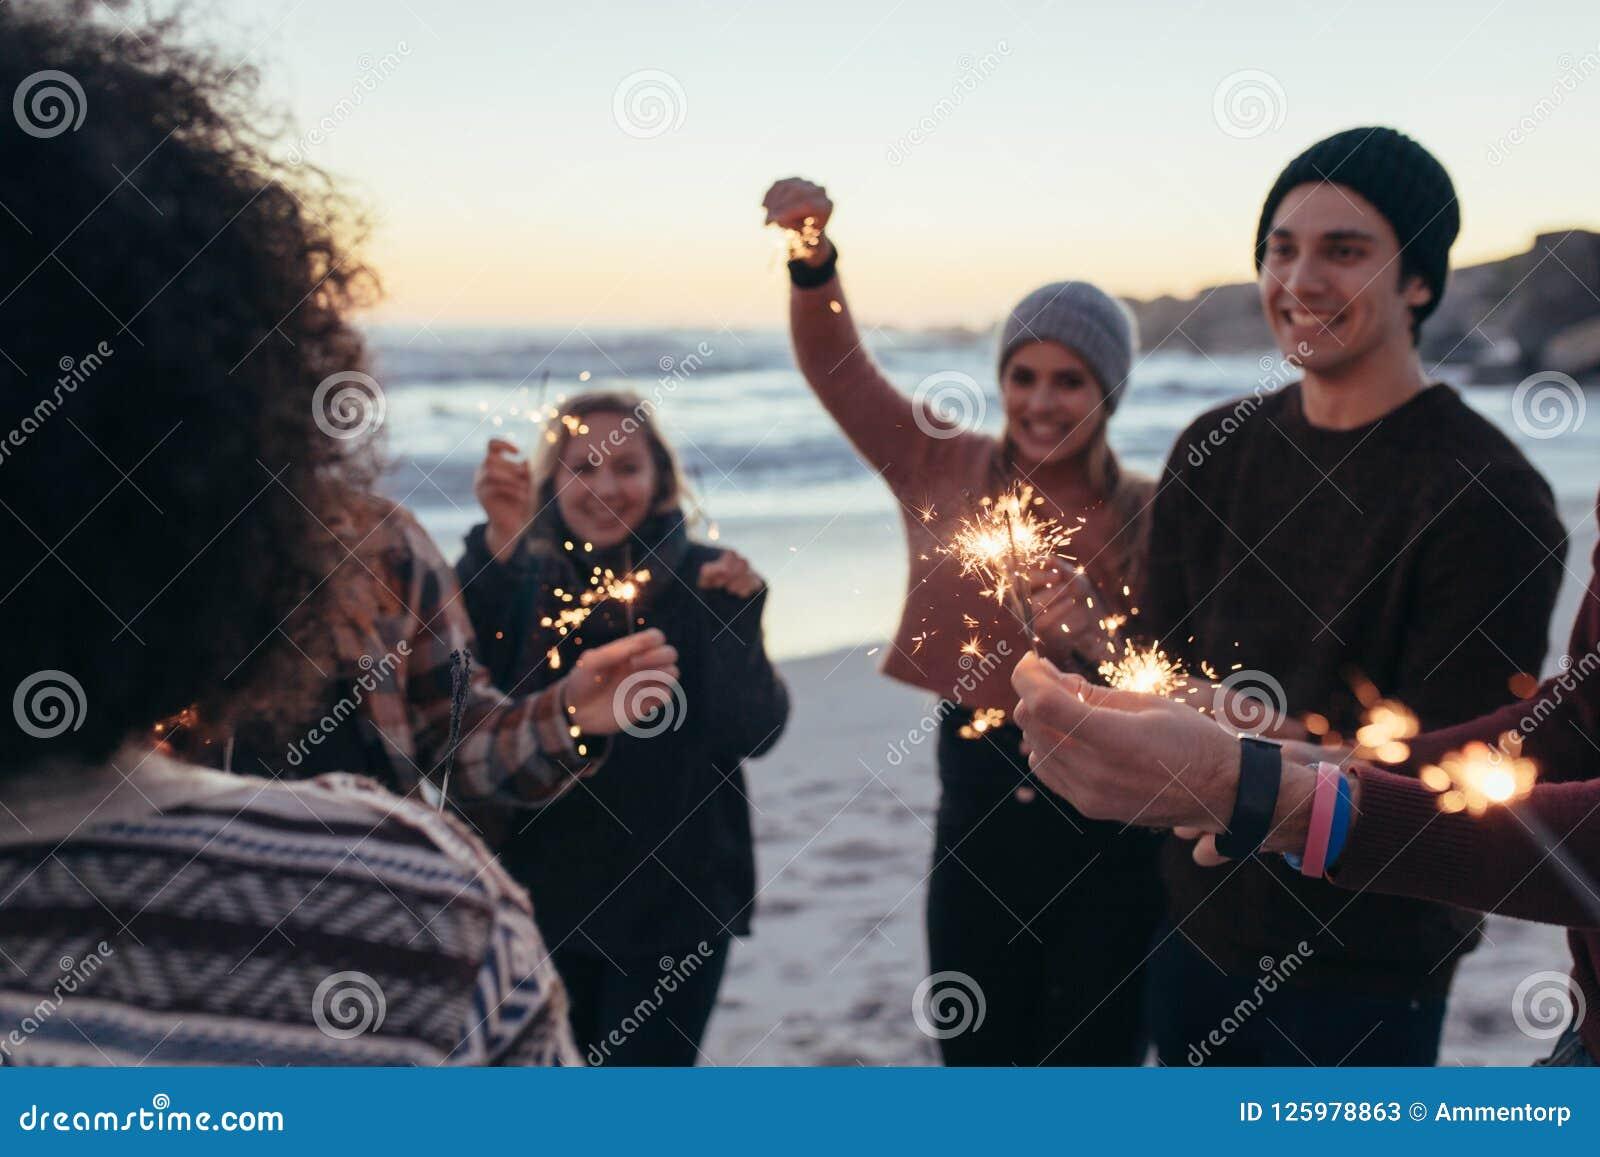 Junge Leute, die Spaß mit Wunderkerzen am Strand haben